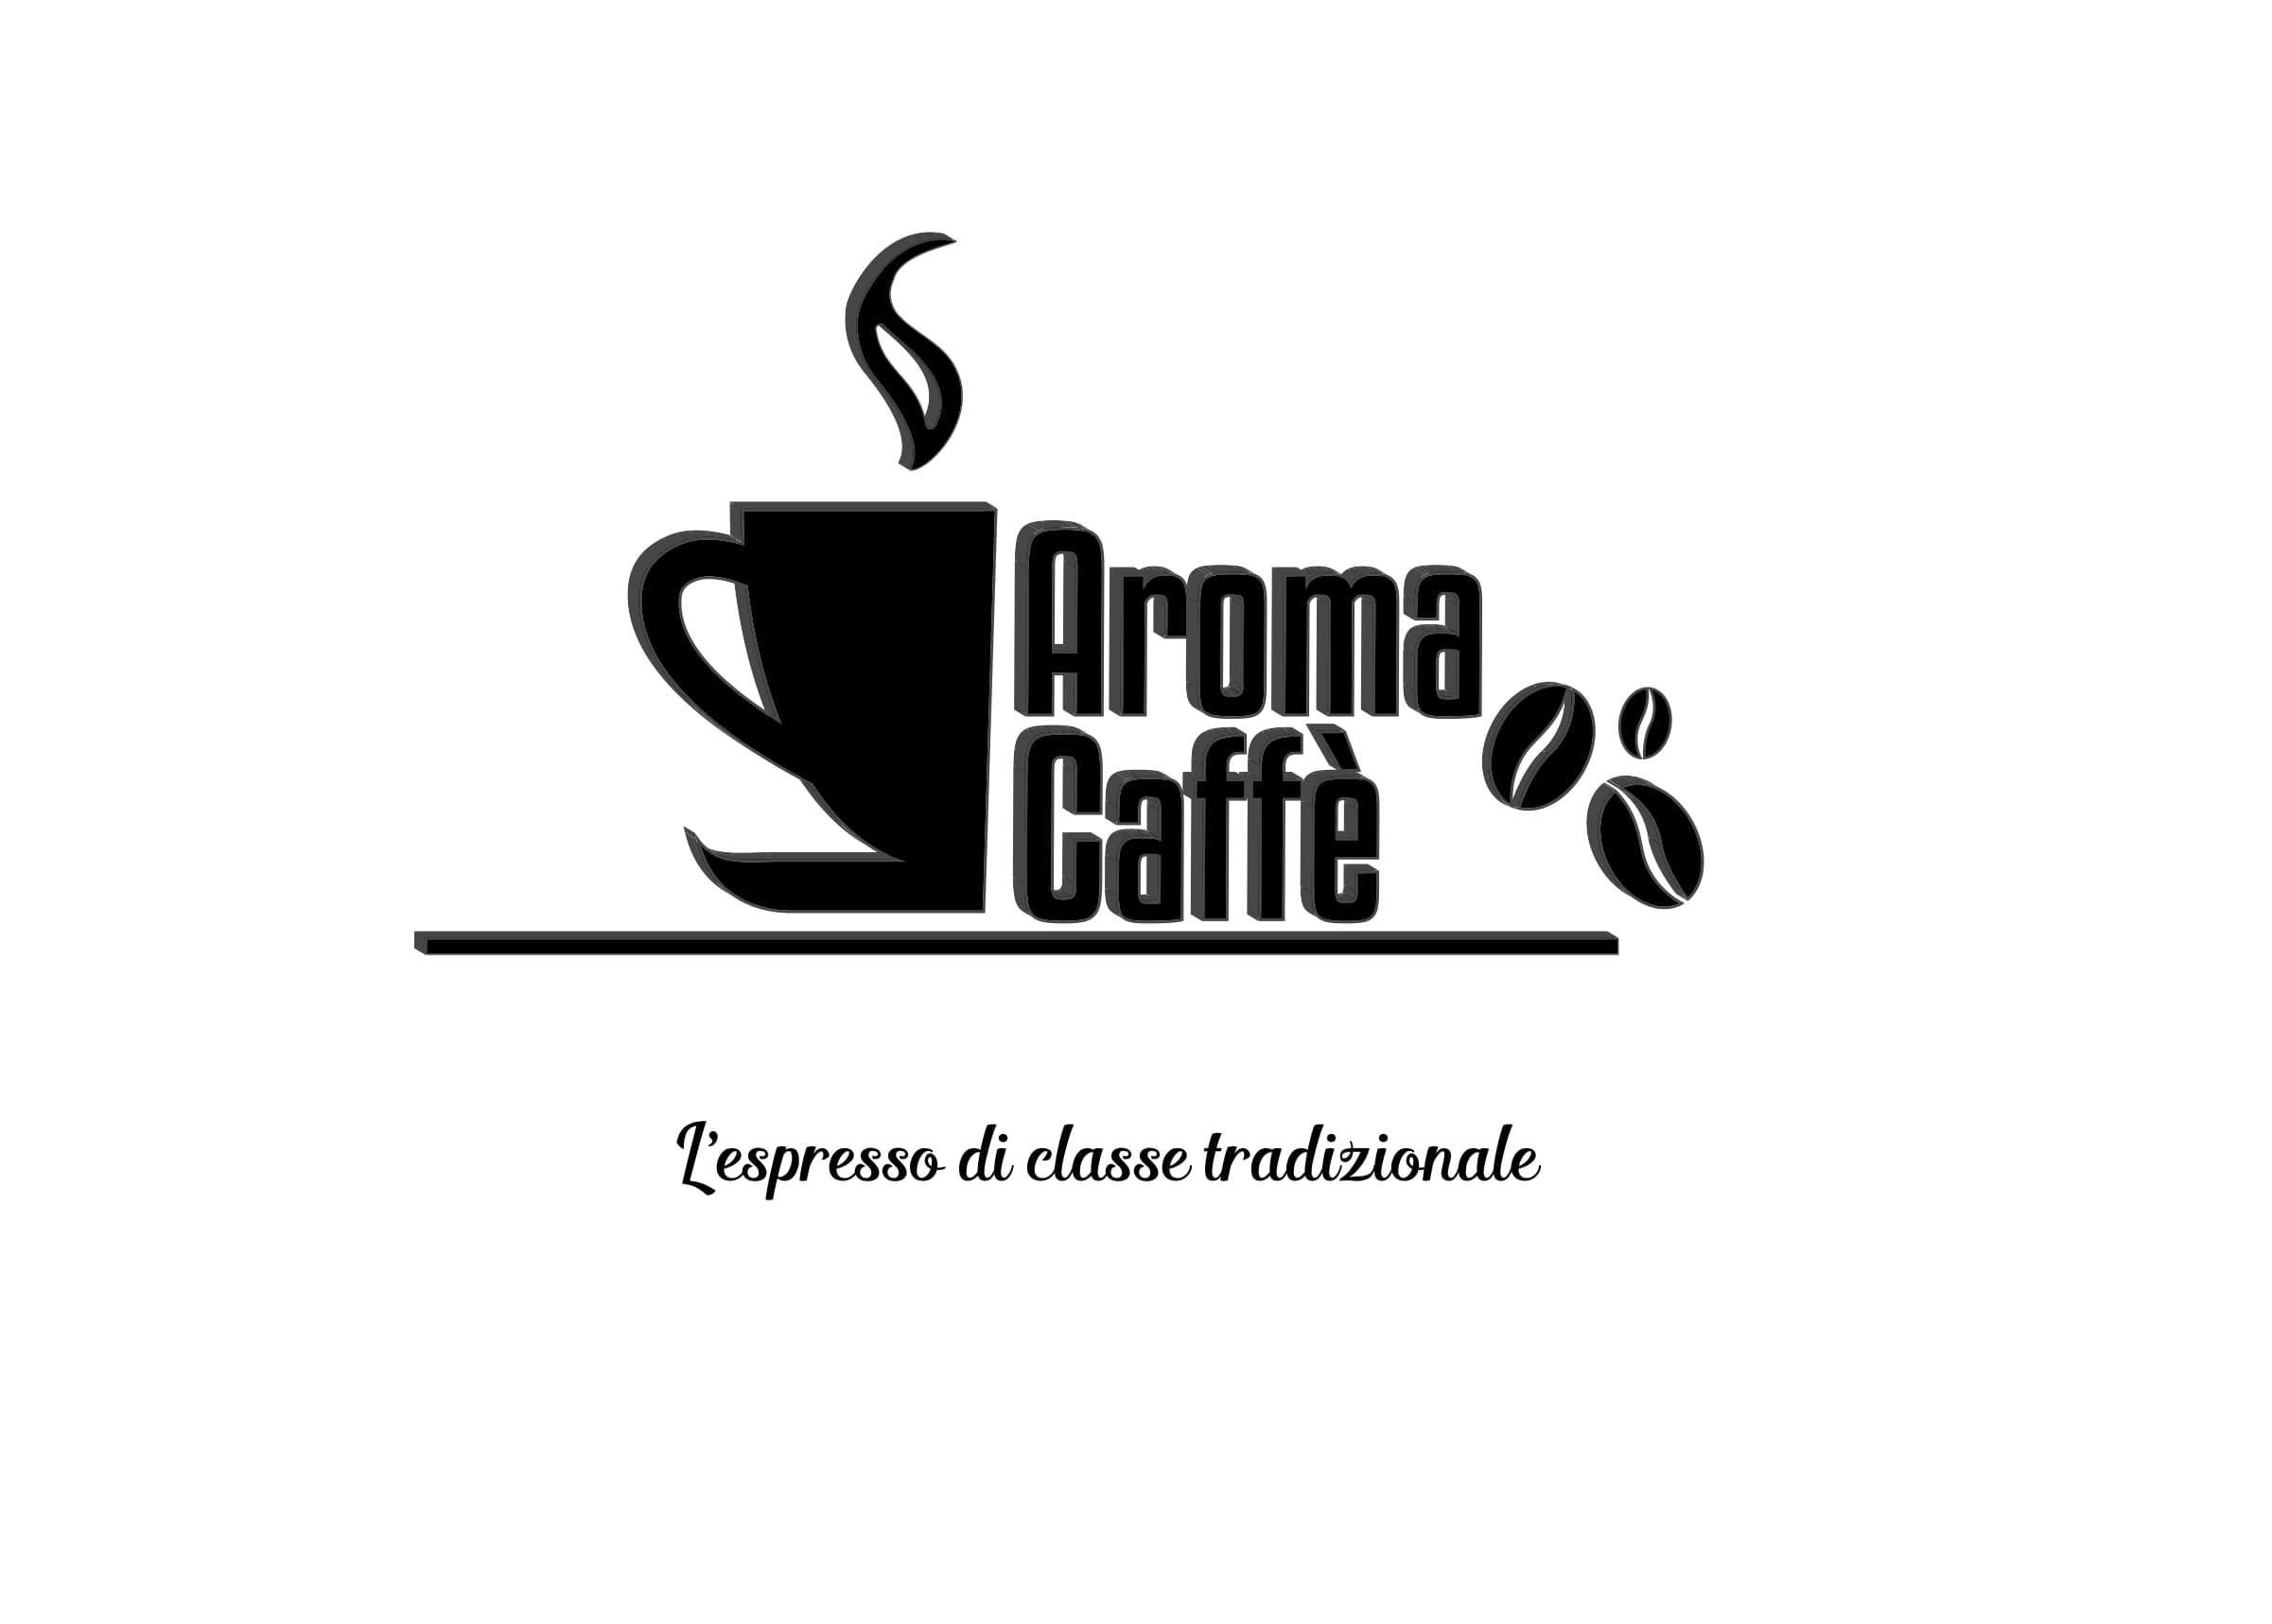 AromaCaffè